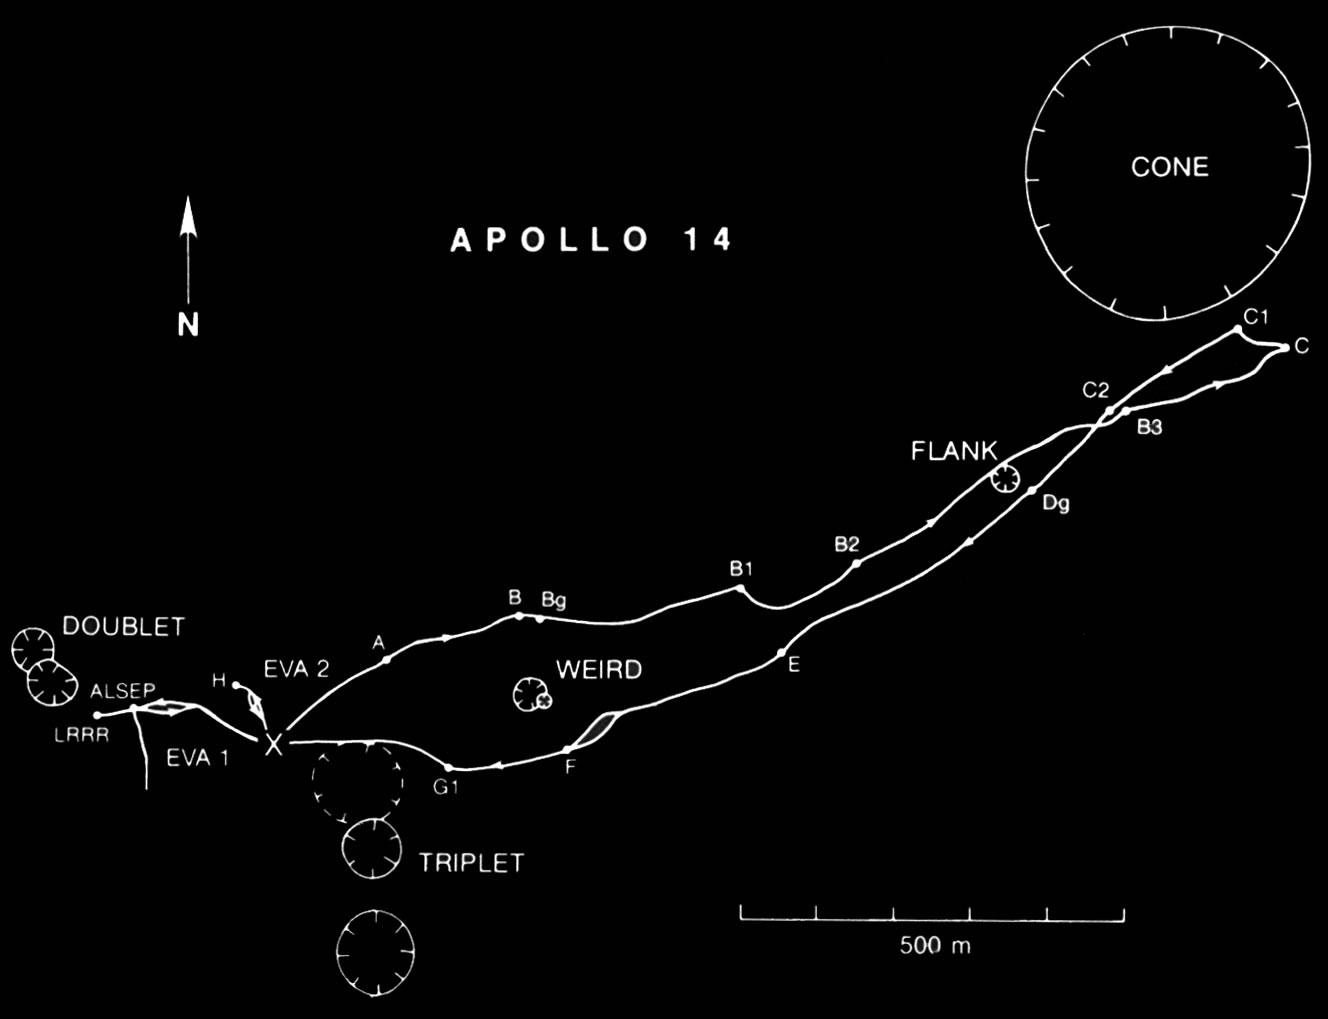 Apollo 14 traverse map